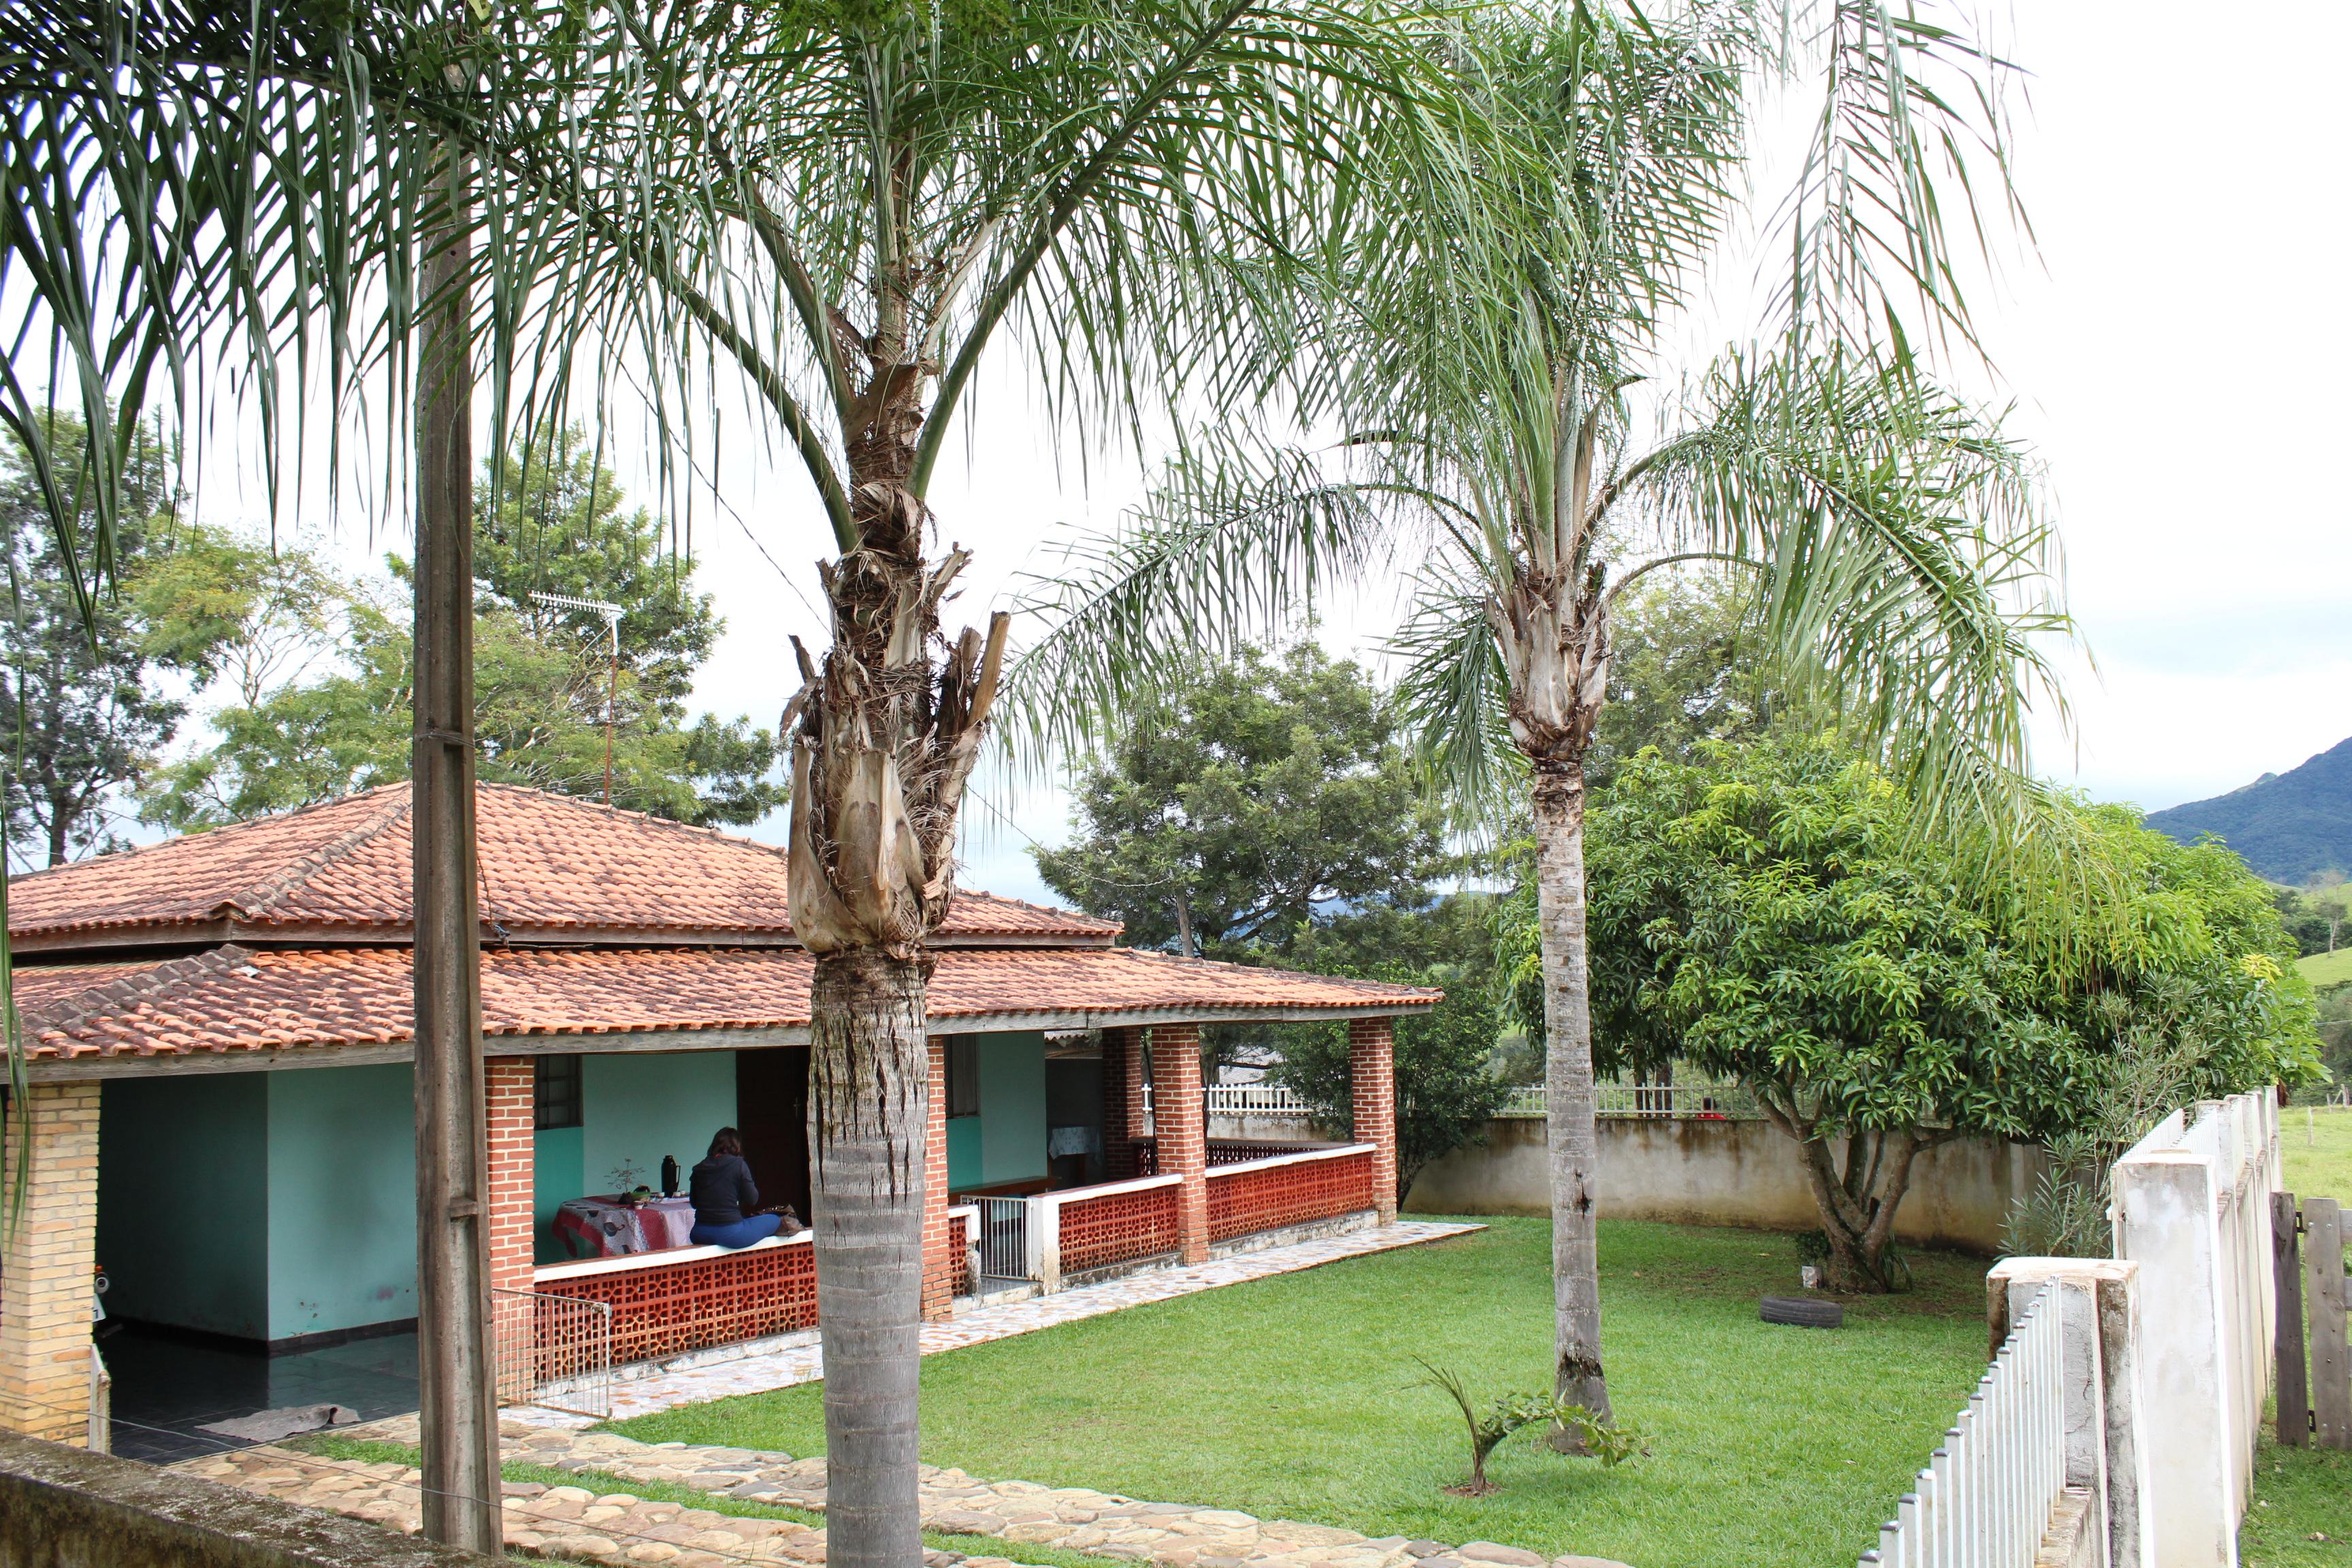 Sitio_matias_sapopema_pAran-a_casa